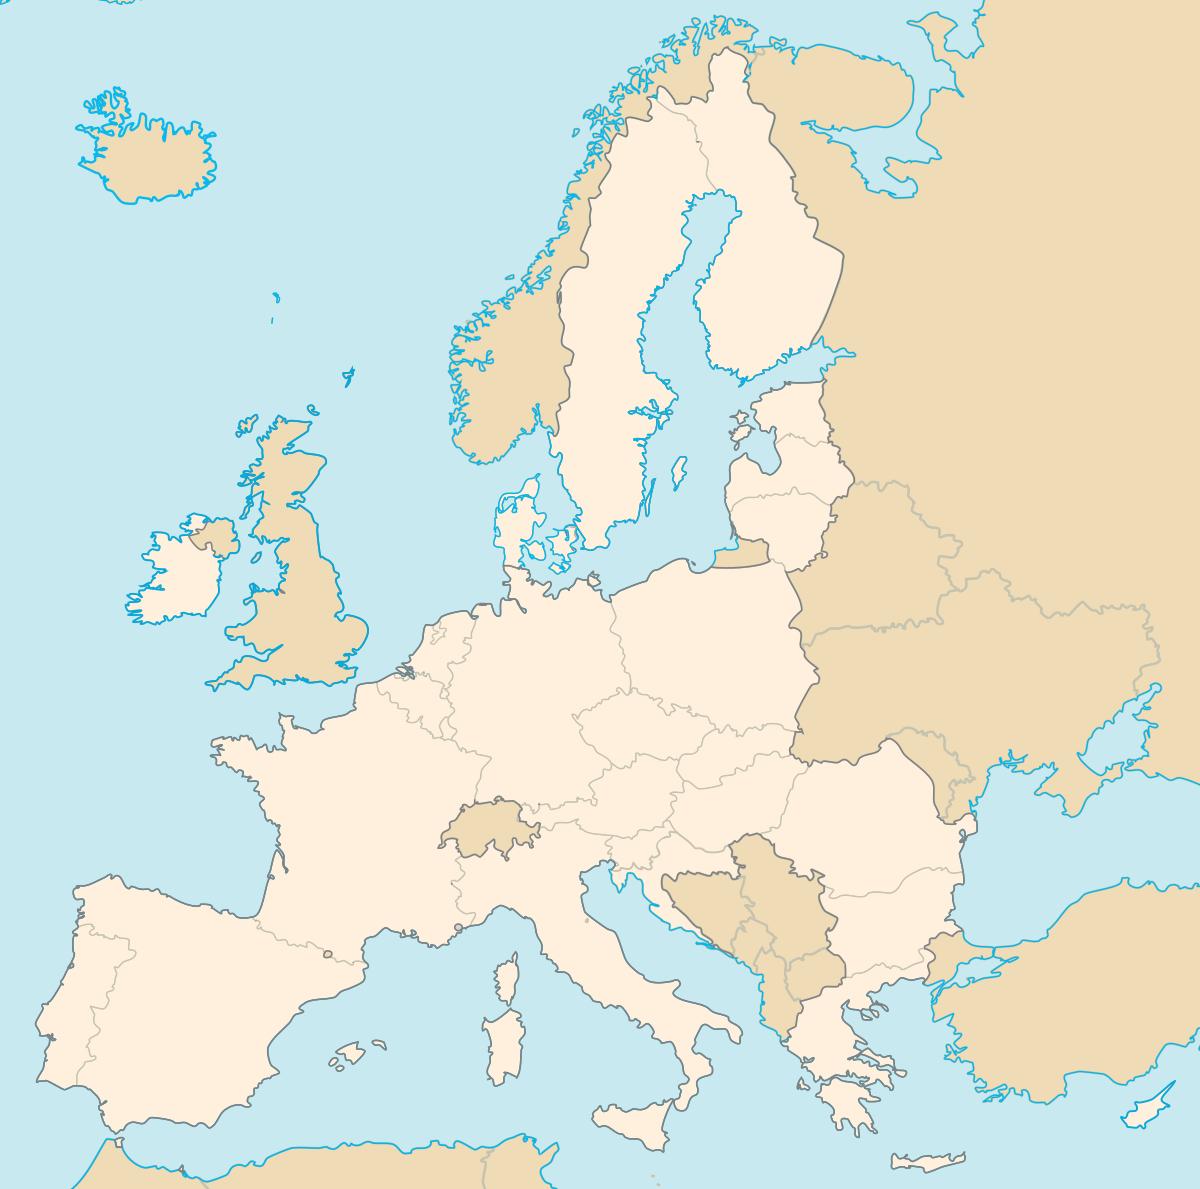 États Membres De L'union Européenne — Wikipédia destiné Carte Union Européenne 28 Pays